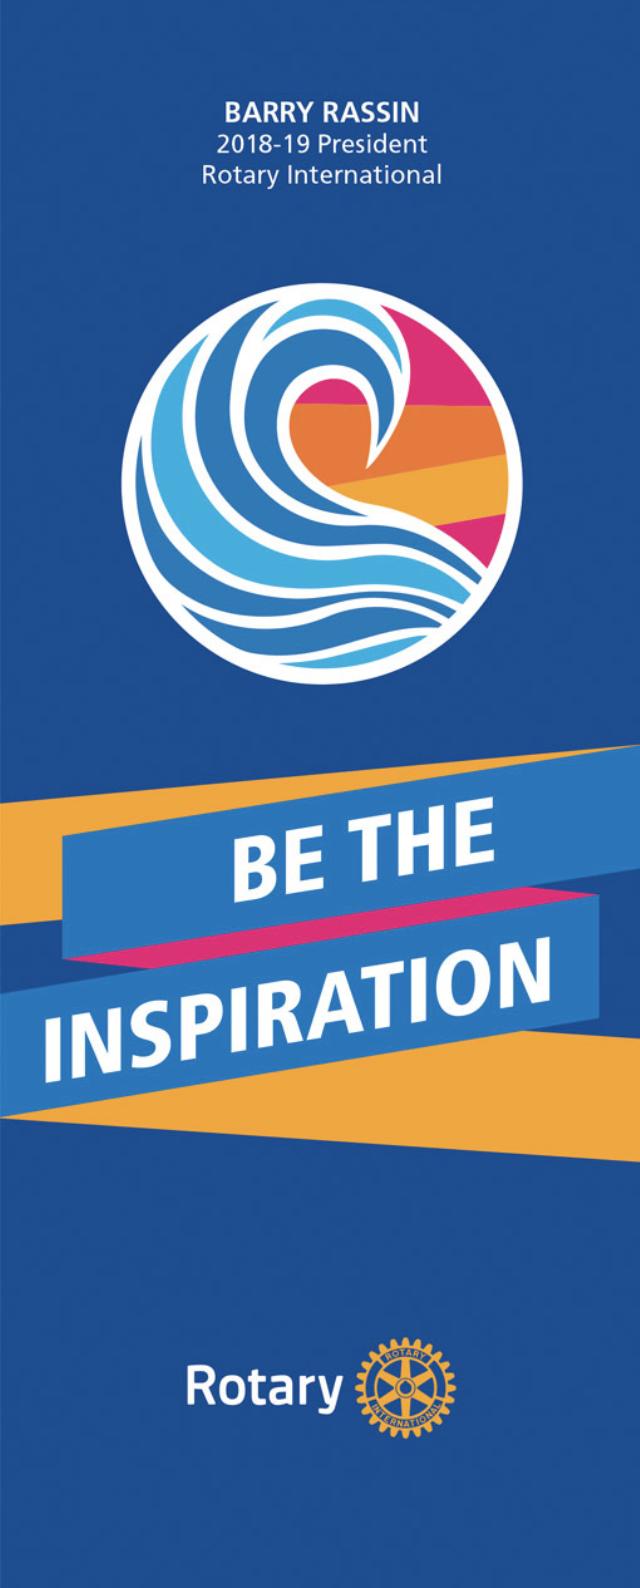 Rotary 2018 / 2019 Motto